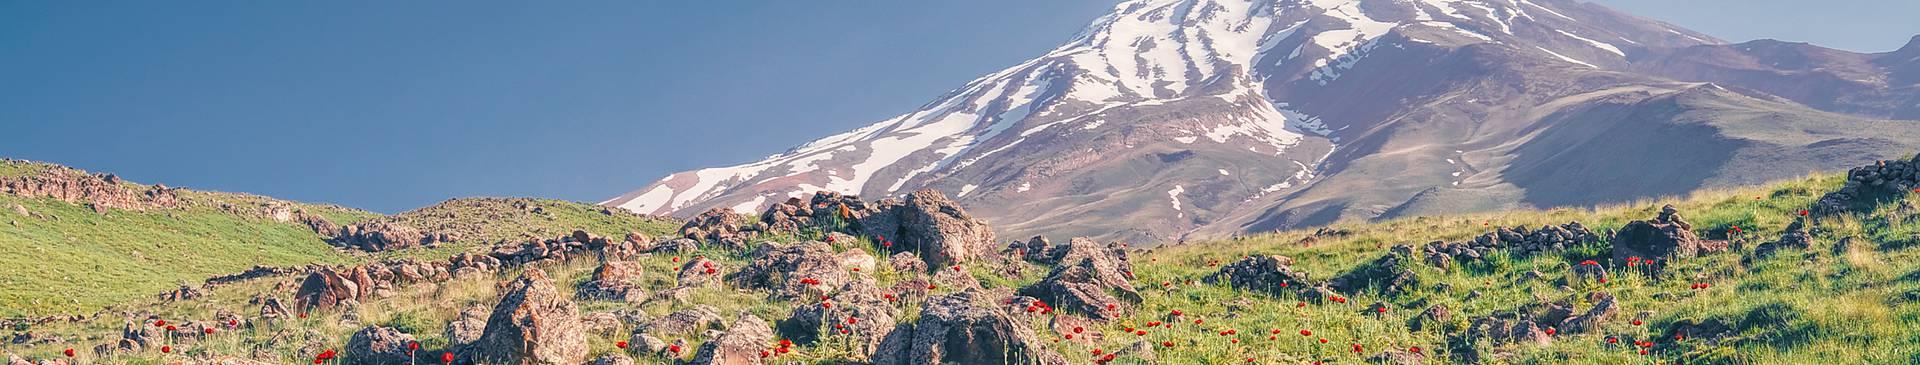 Viajes a Irán en primavera